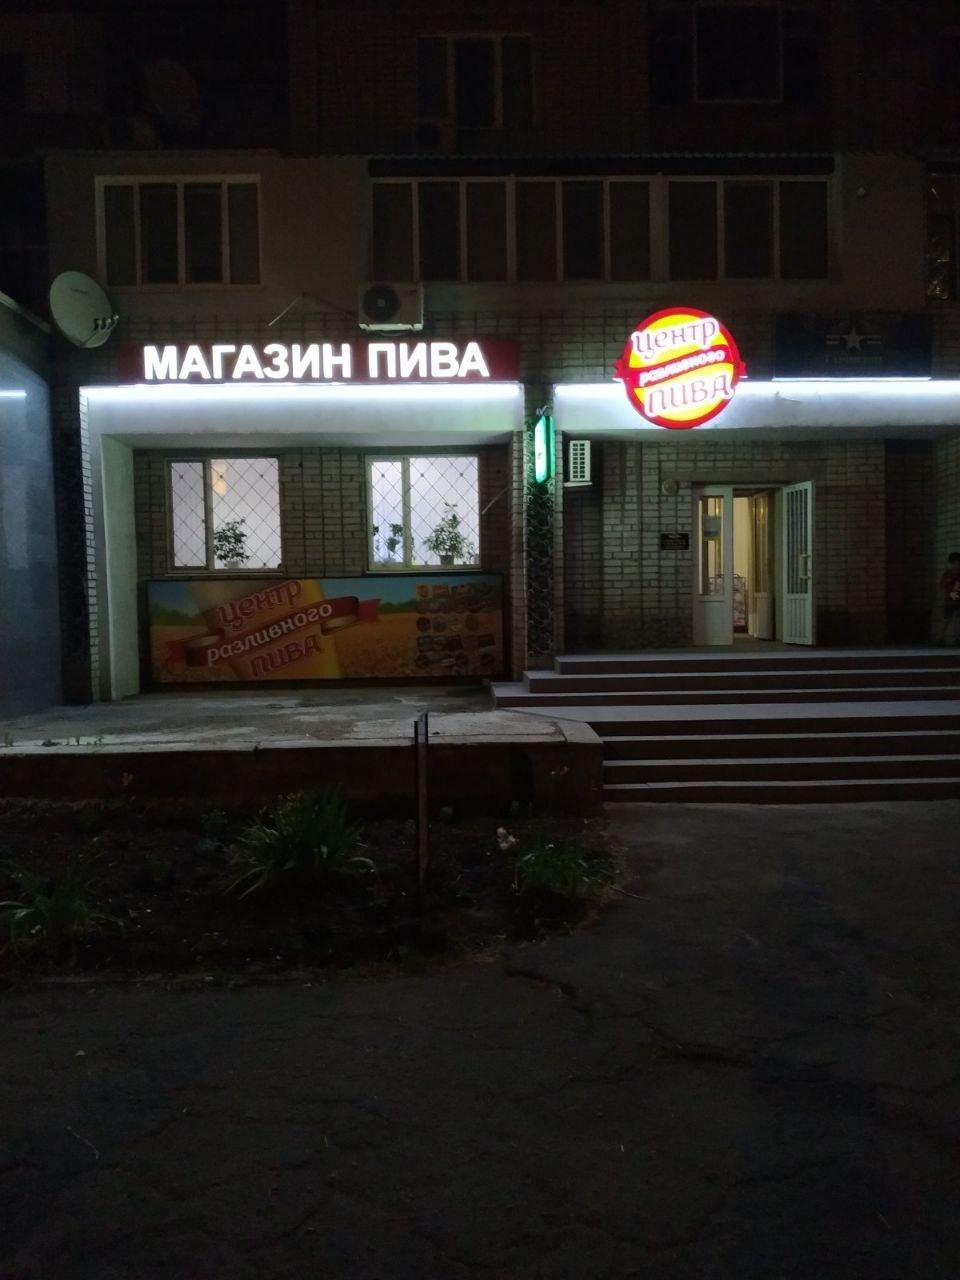 Помічник для мандрівників - гід по Бердянську!, фото-97